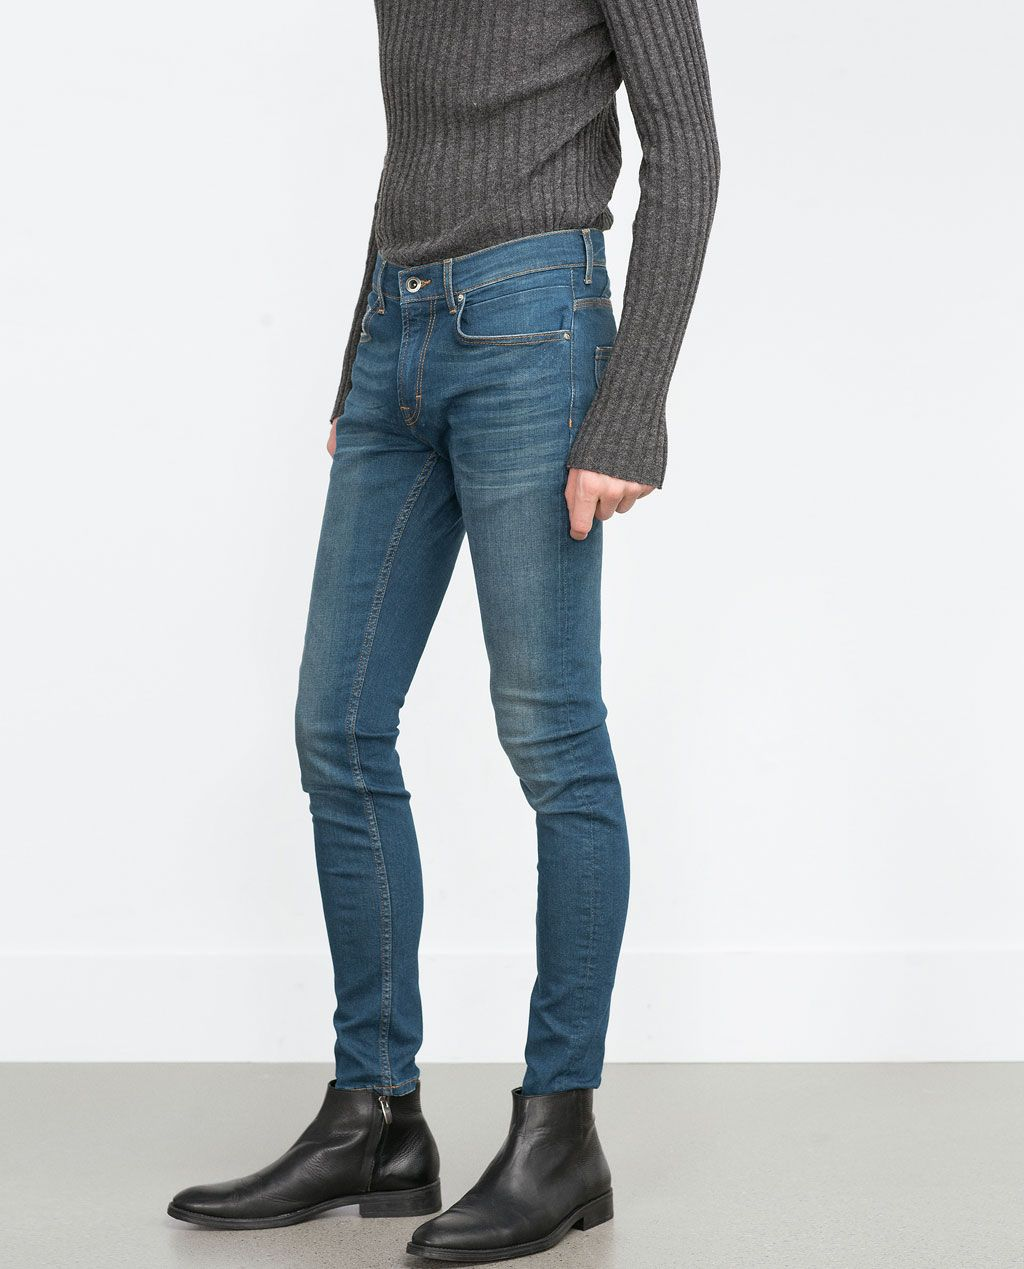 курской джинсы для худых мужчин фото распространенных заболеваний